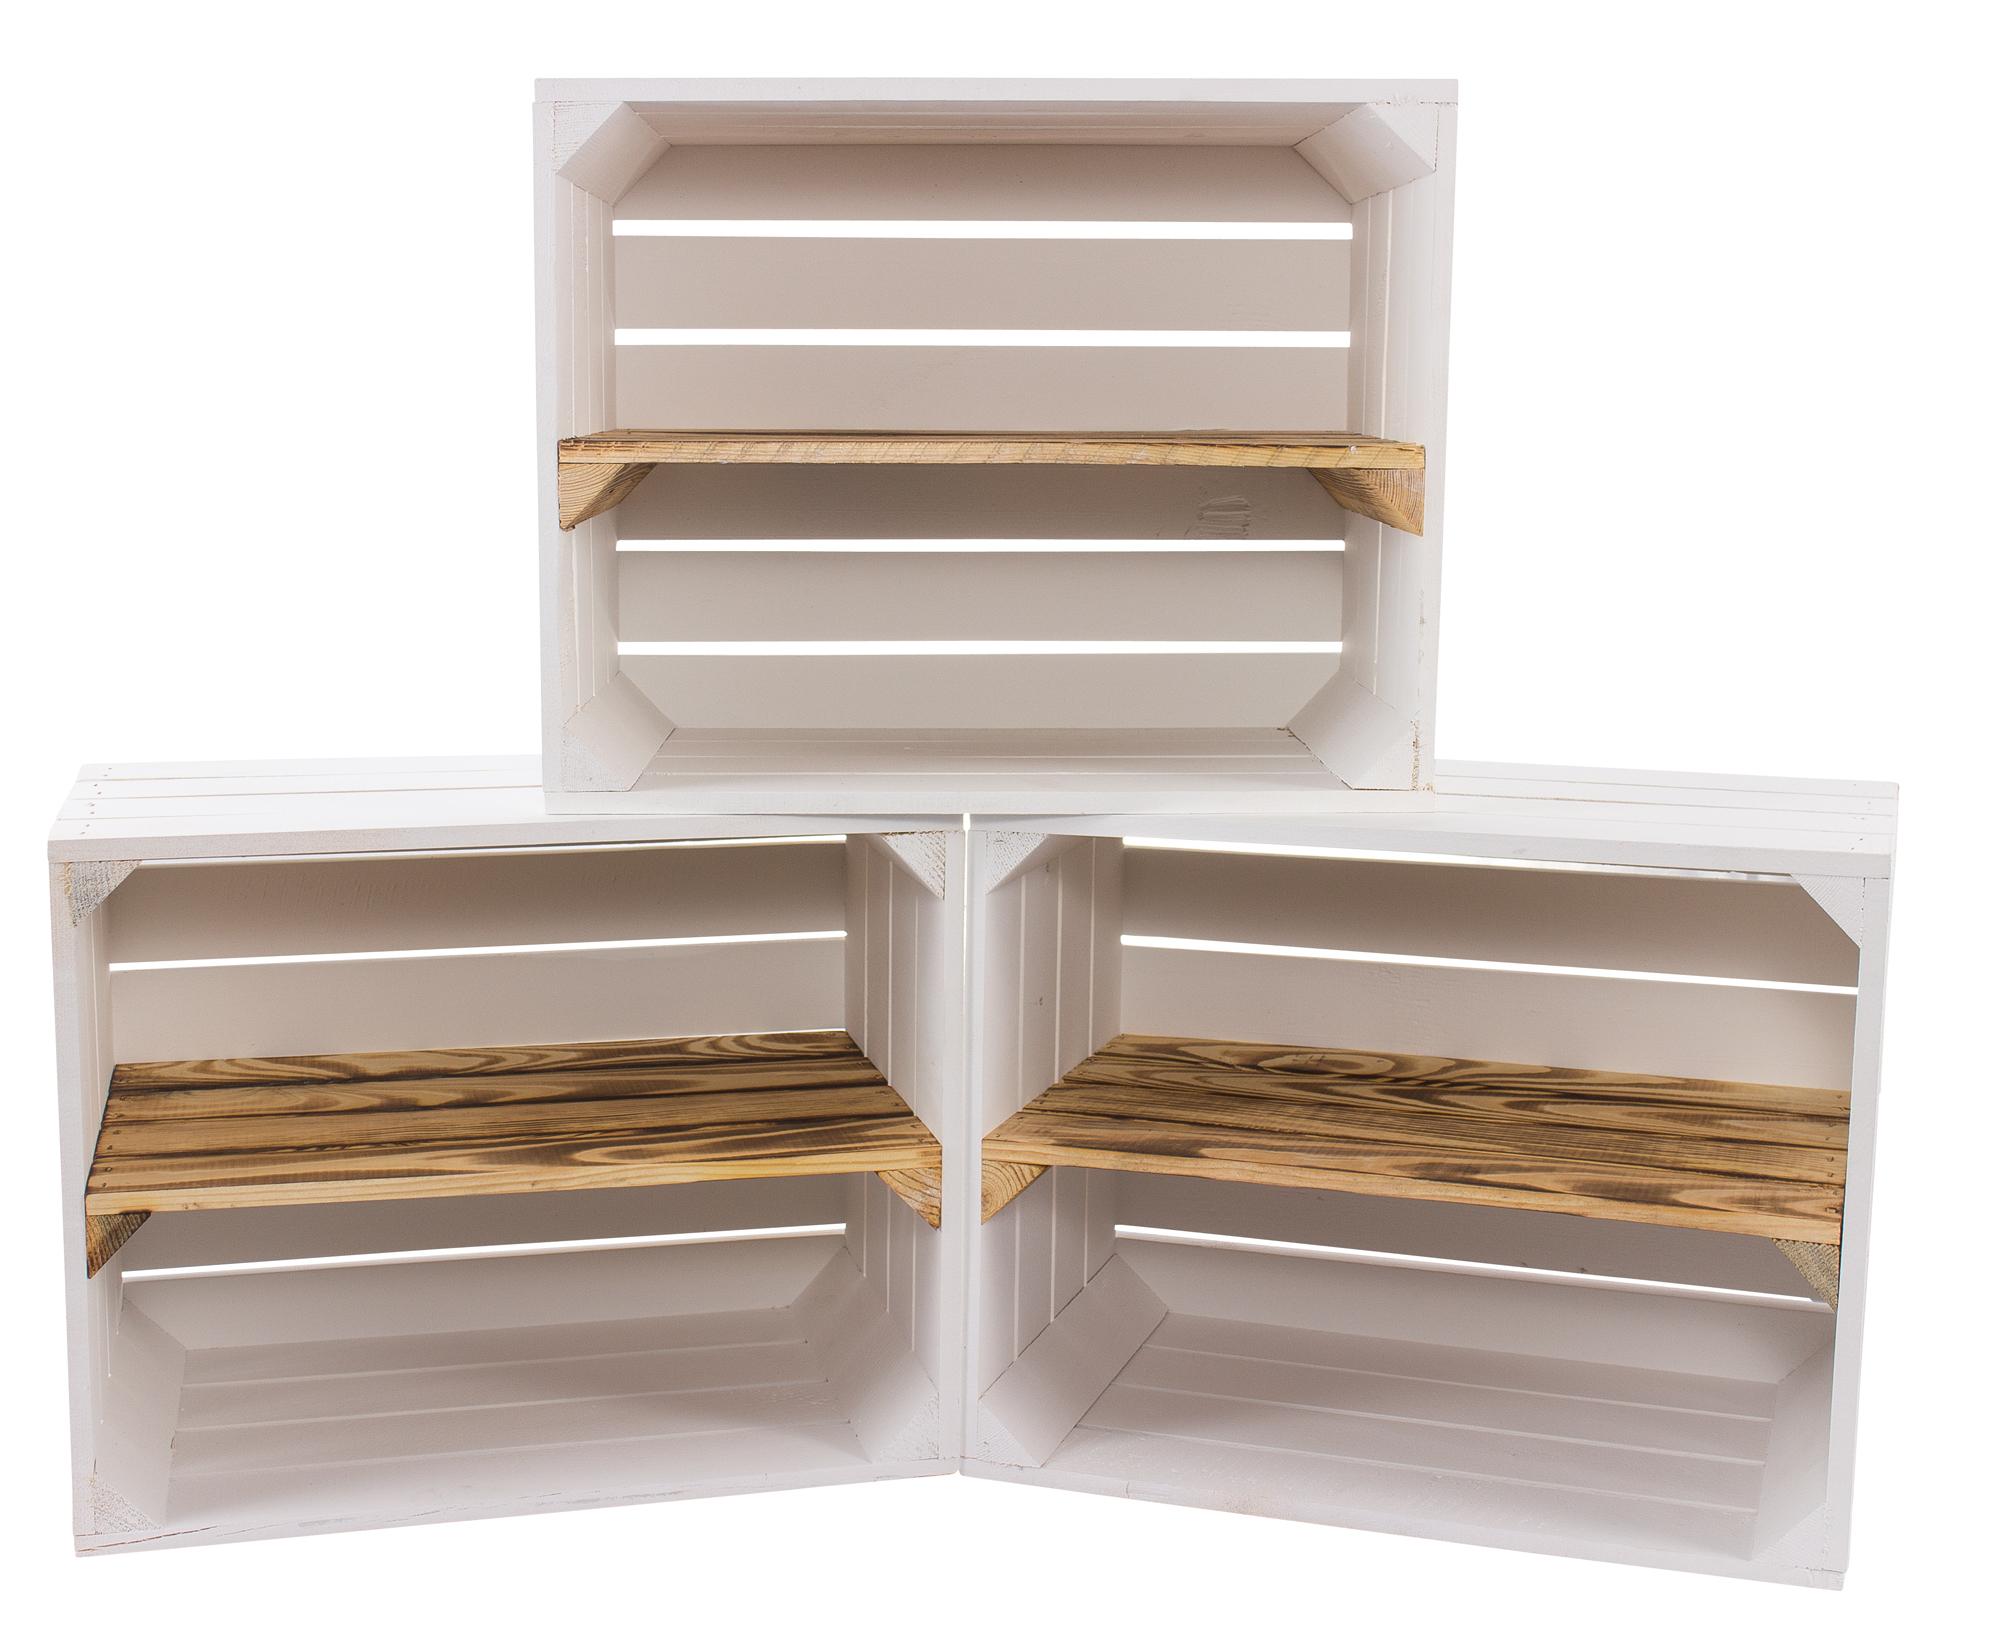 3 Weiße Holzkisten mit geflammtem Mittelbrett -längs- 50x40x30cm